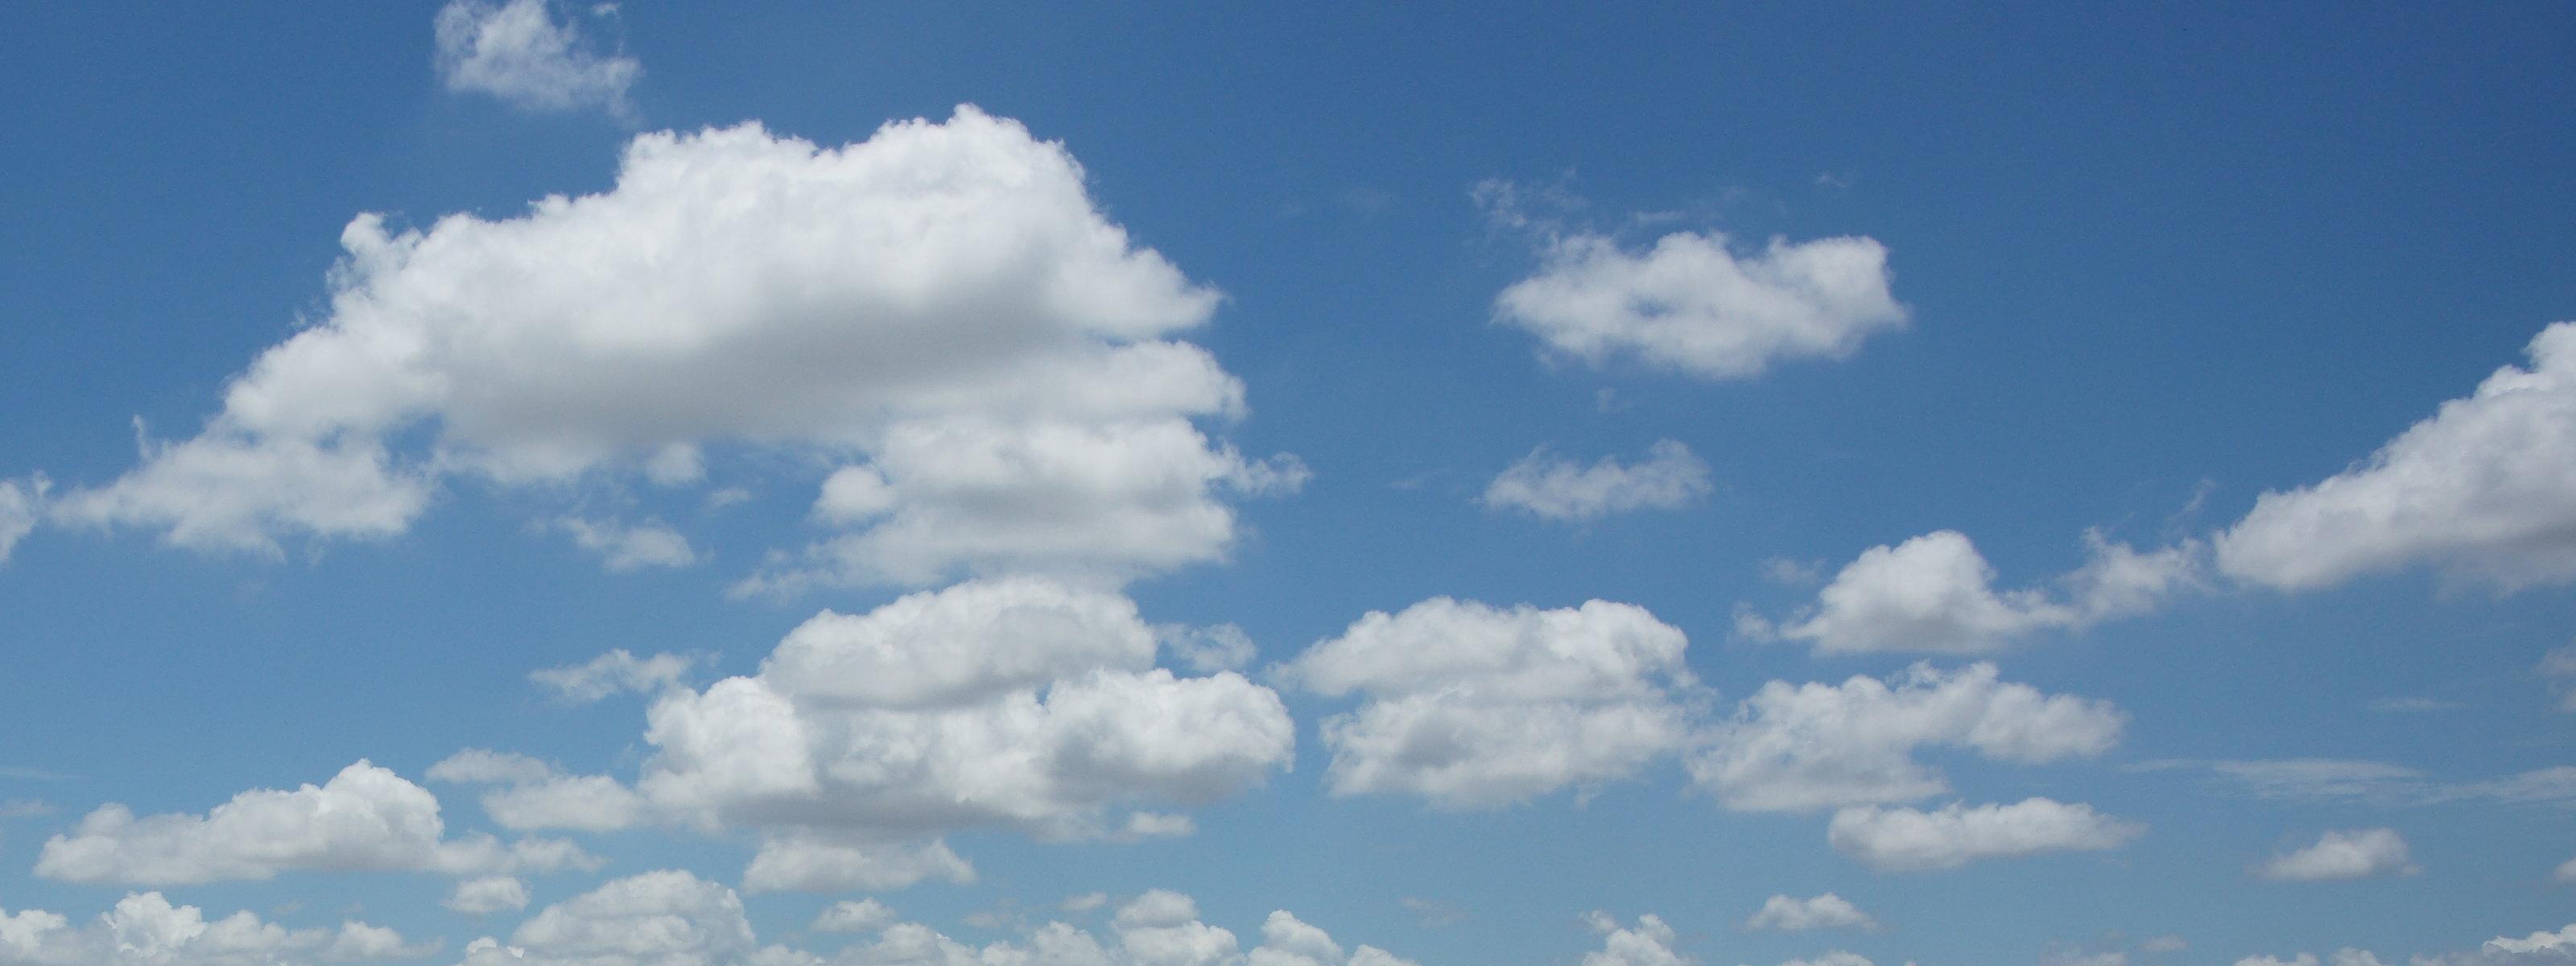 wallpaper clouds sky wallpapersafari